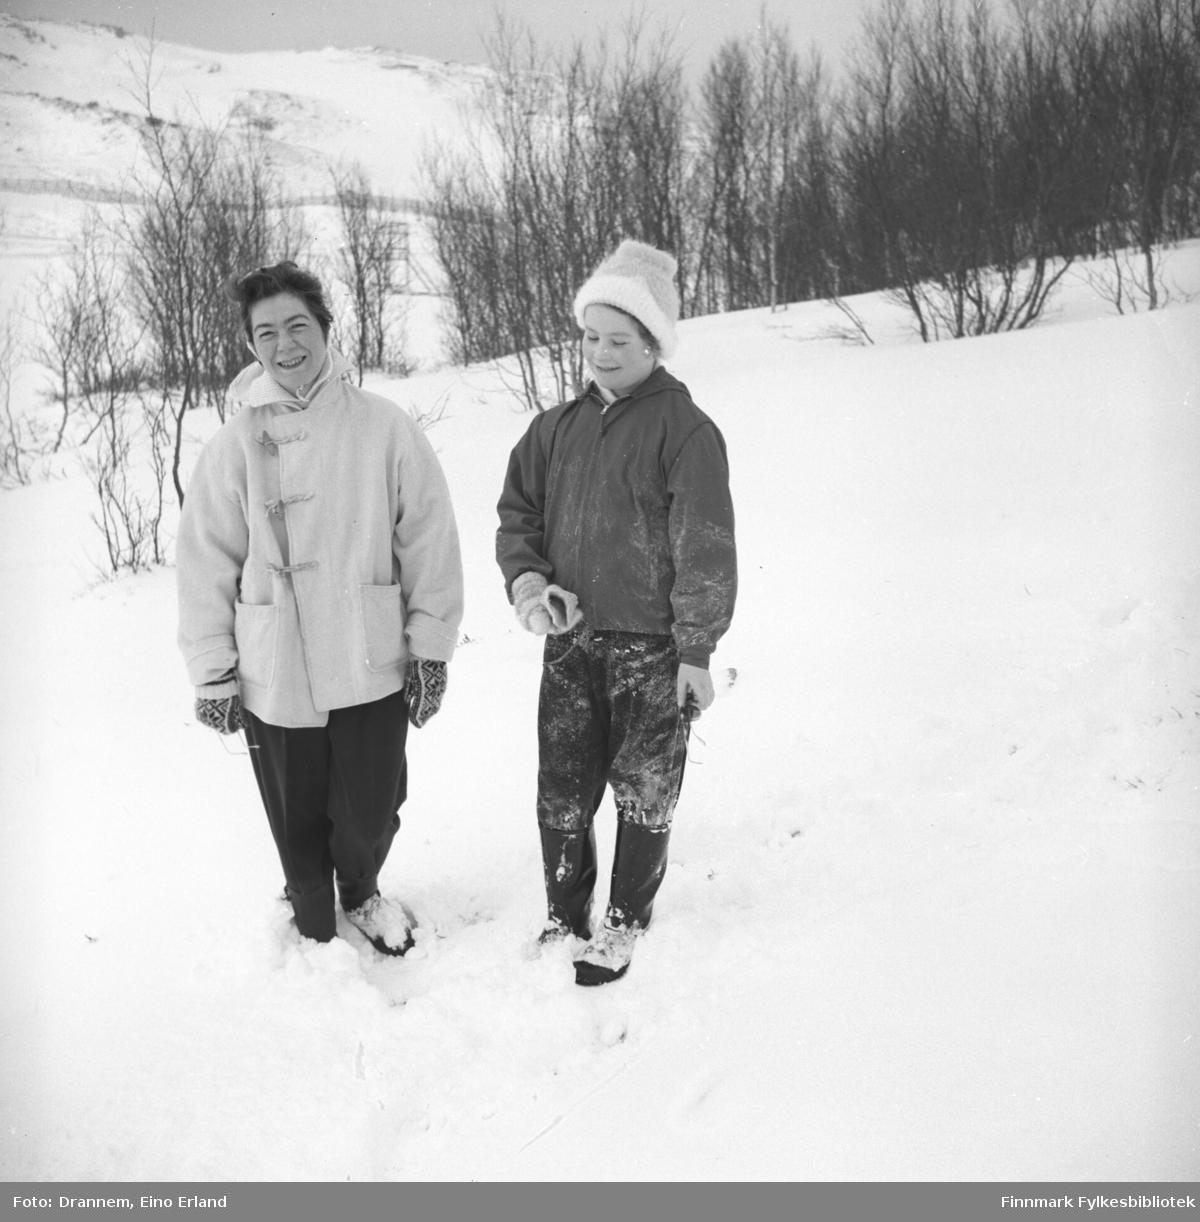 Jenny og Turid ute på tur en vinterdag i området rundt Hammerfest.